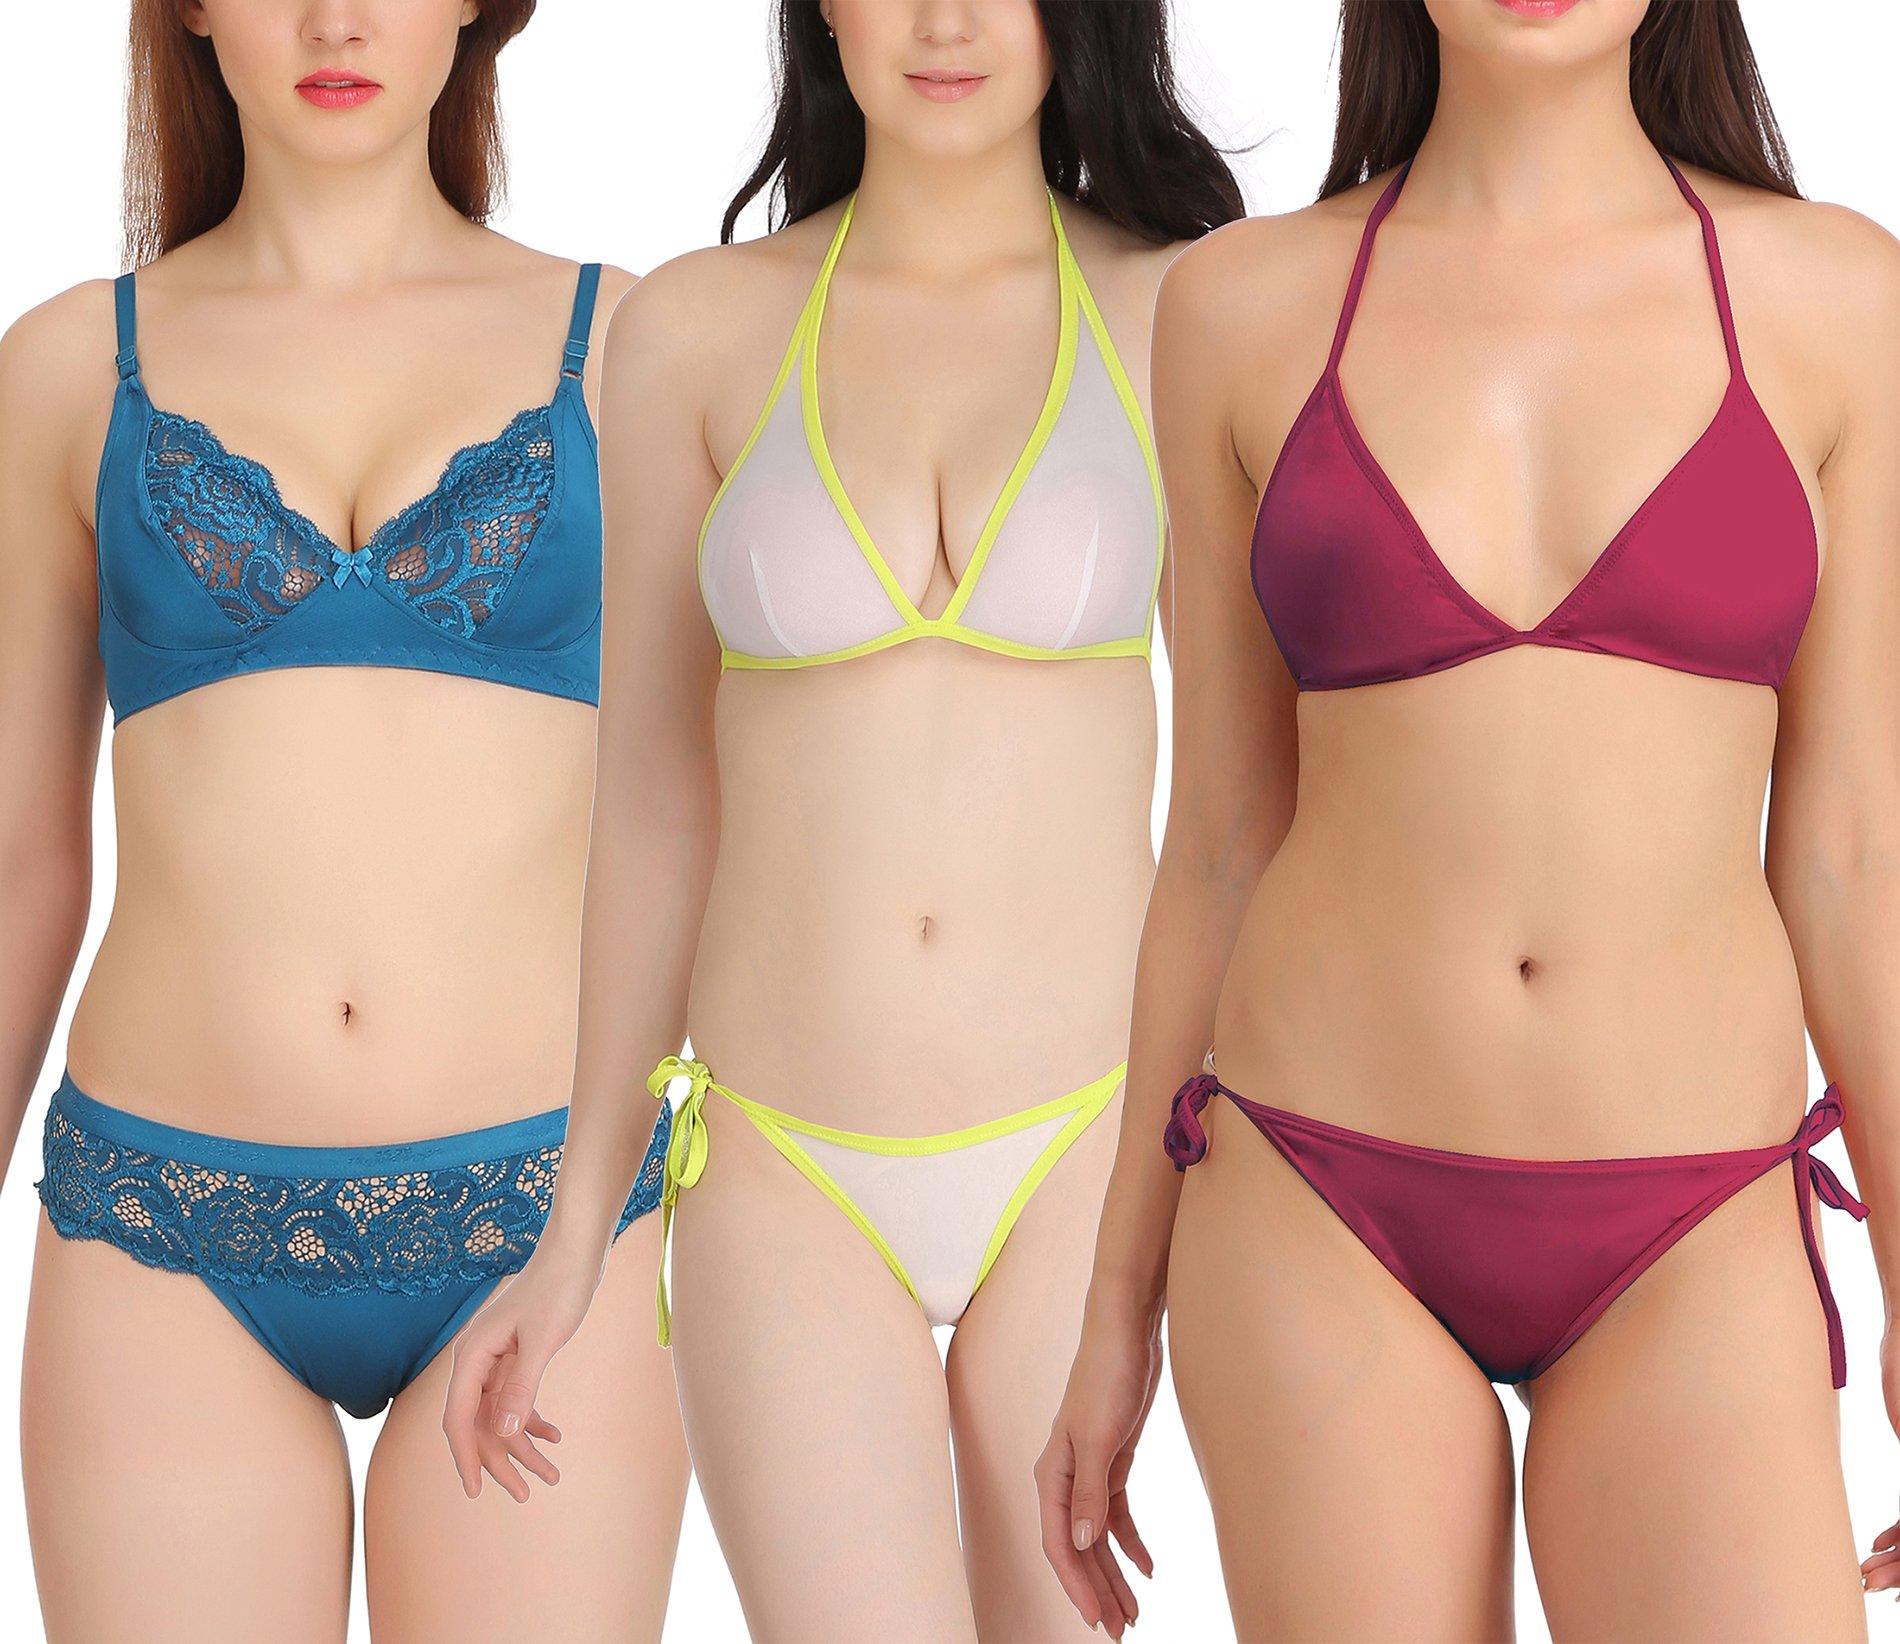 accd887bd5b2a FIMS® Women s Girls Satin Nylon Lycra Spandex Sexy Bra Panty ...